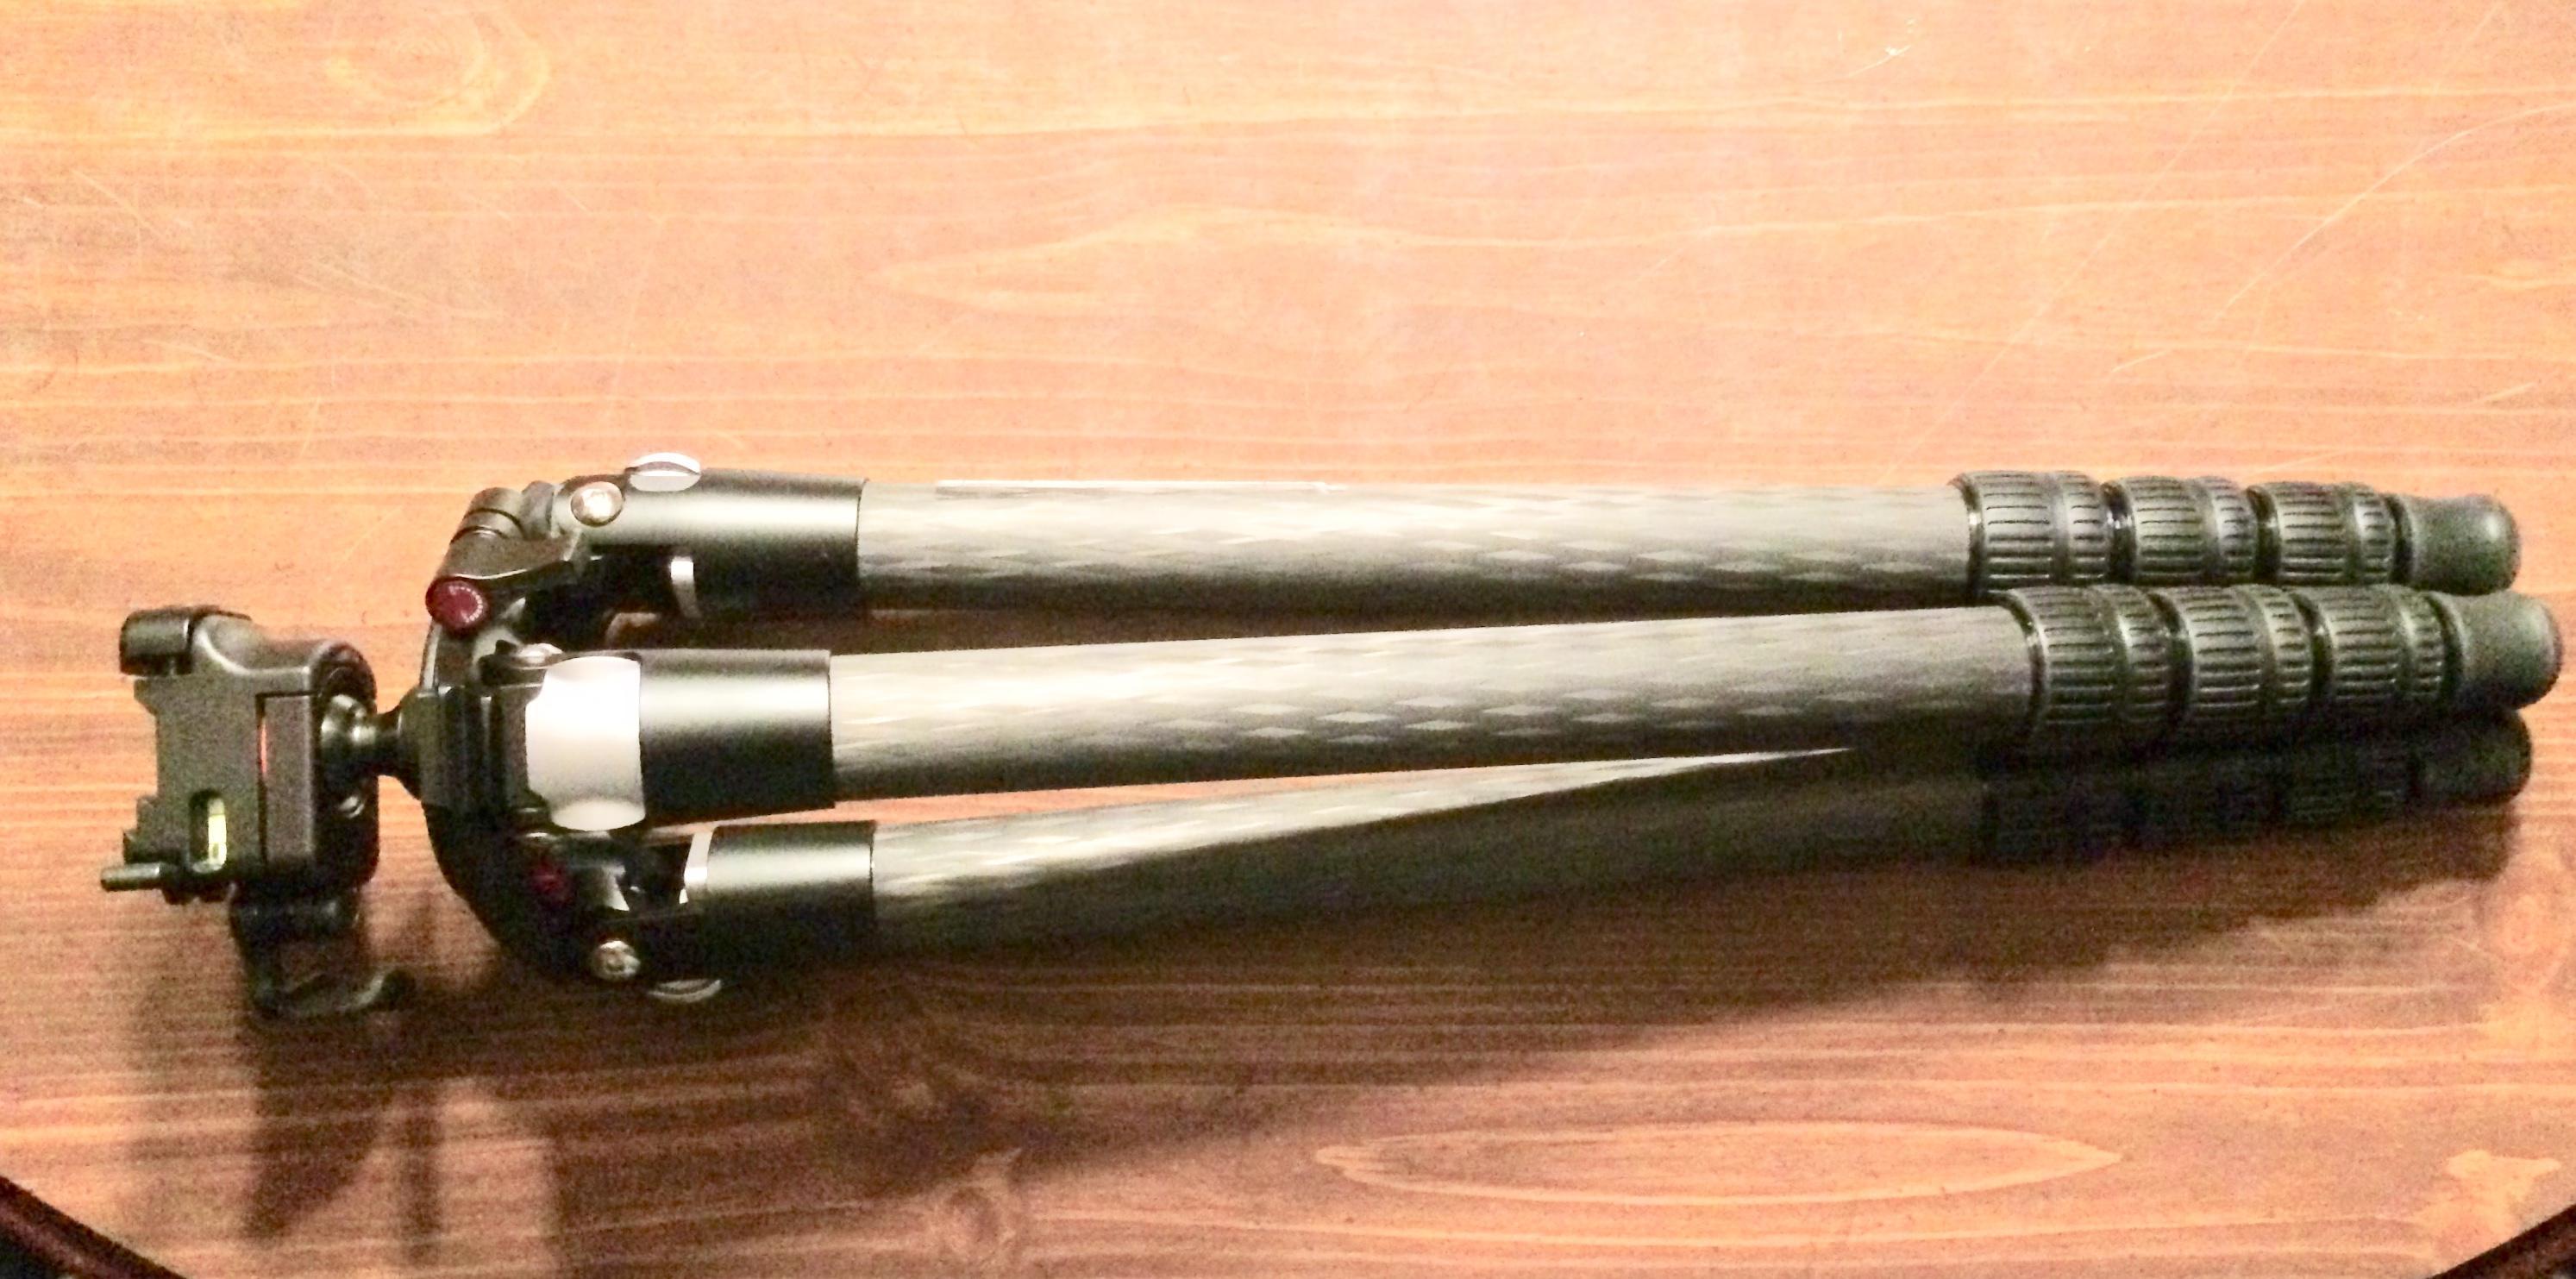 F0DEA722-6797-445C-A580-B9D8CEA5CA4F.jpeg